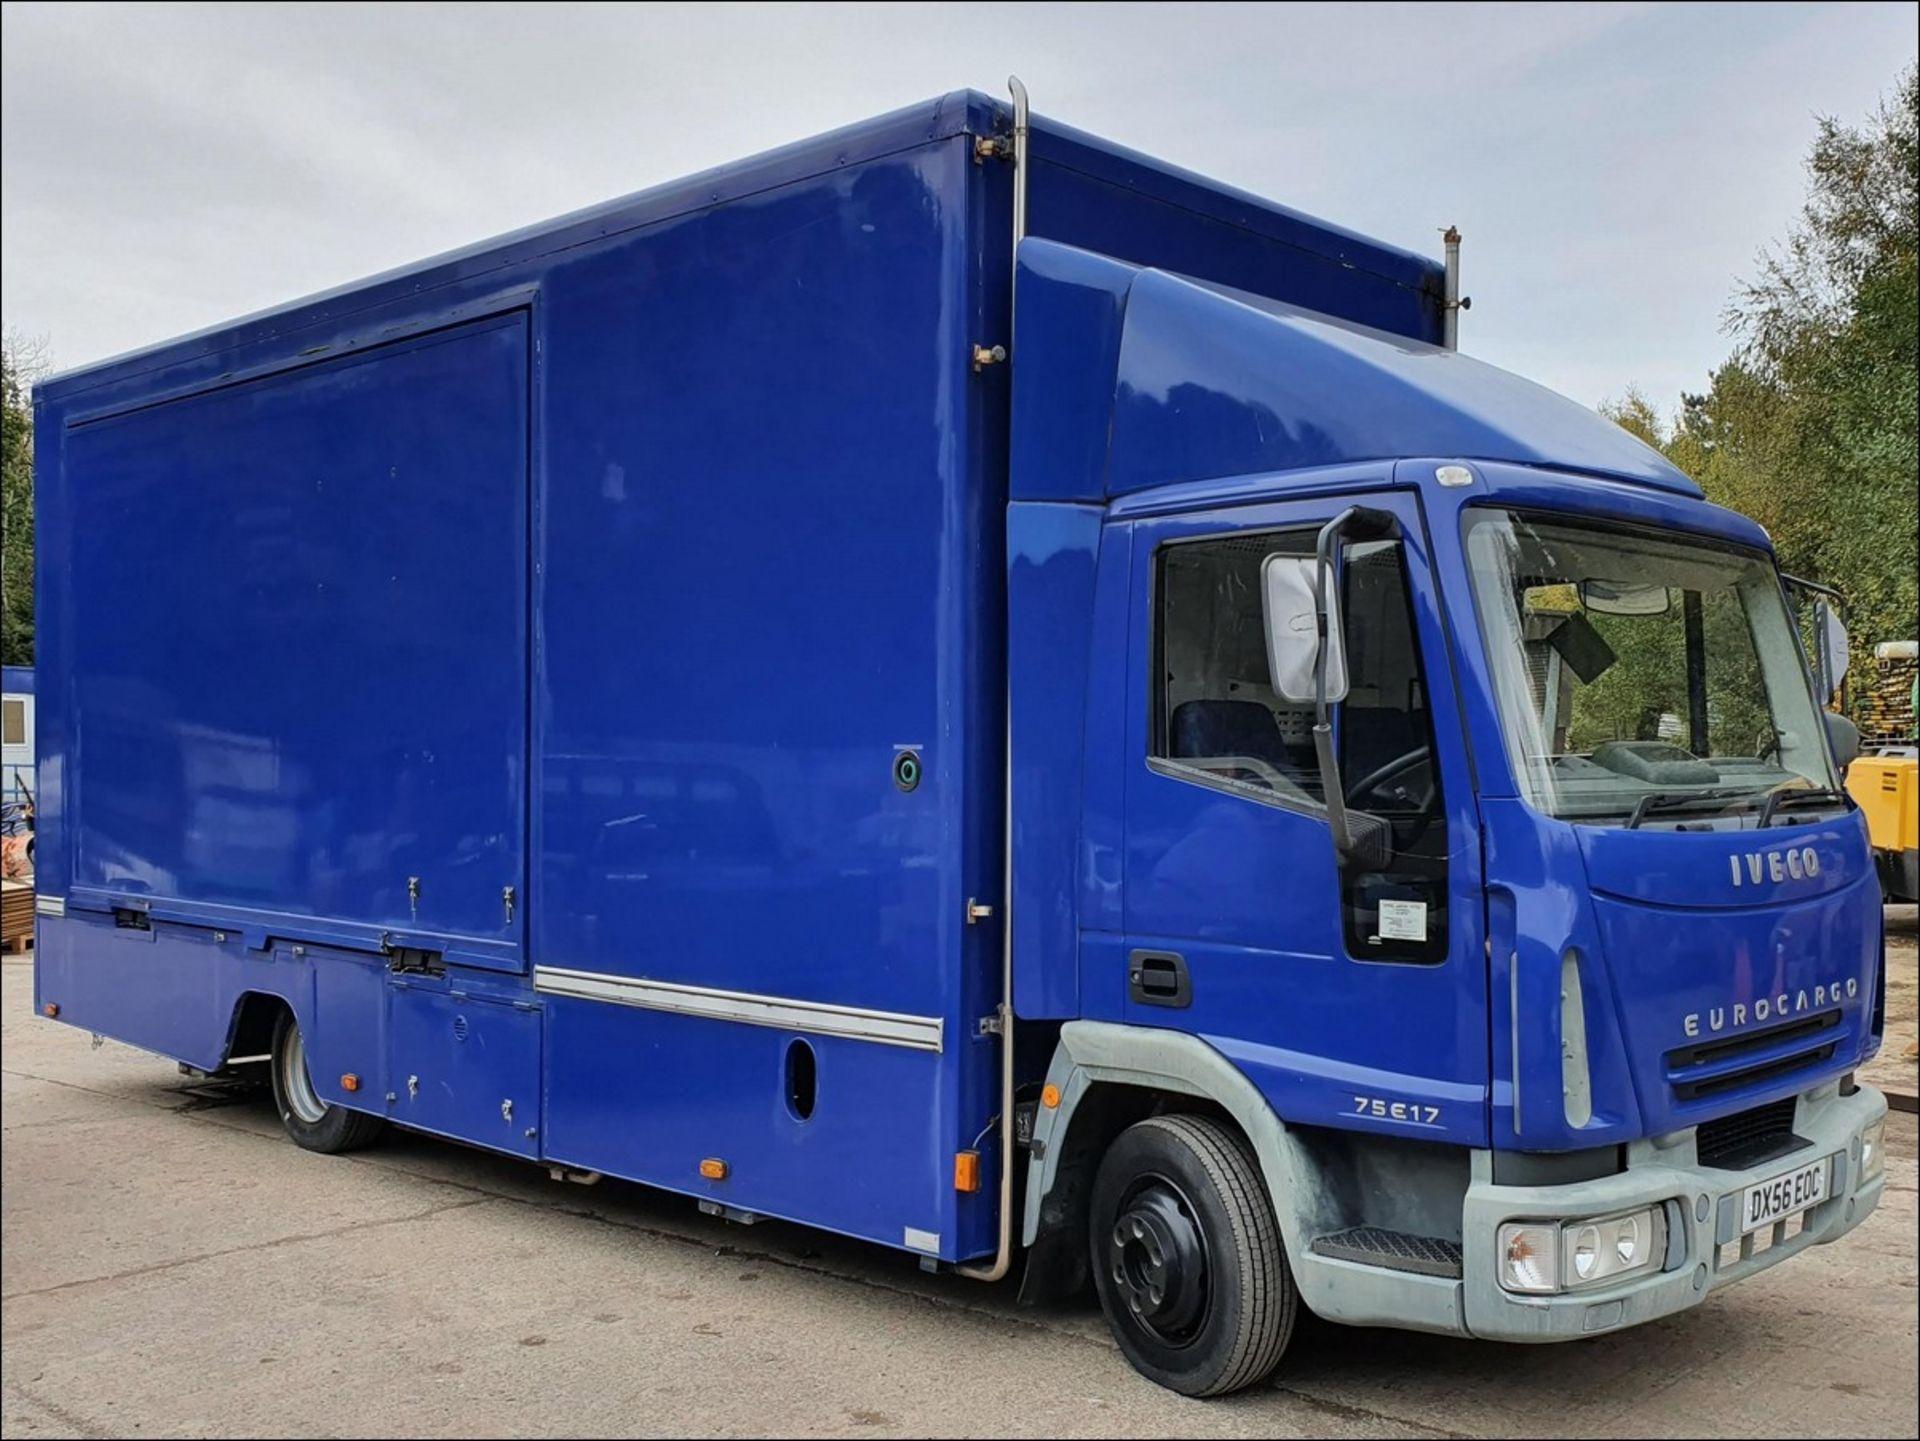 06/56 IVECO EUROCARGO EXHIBITION VEHICLE - 3920cc (Blue, 33k)